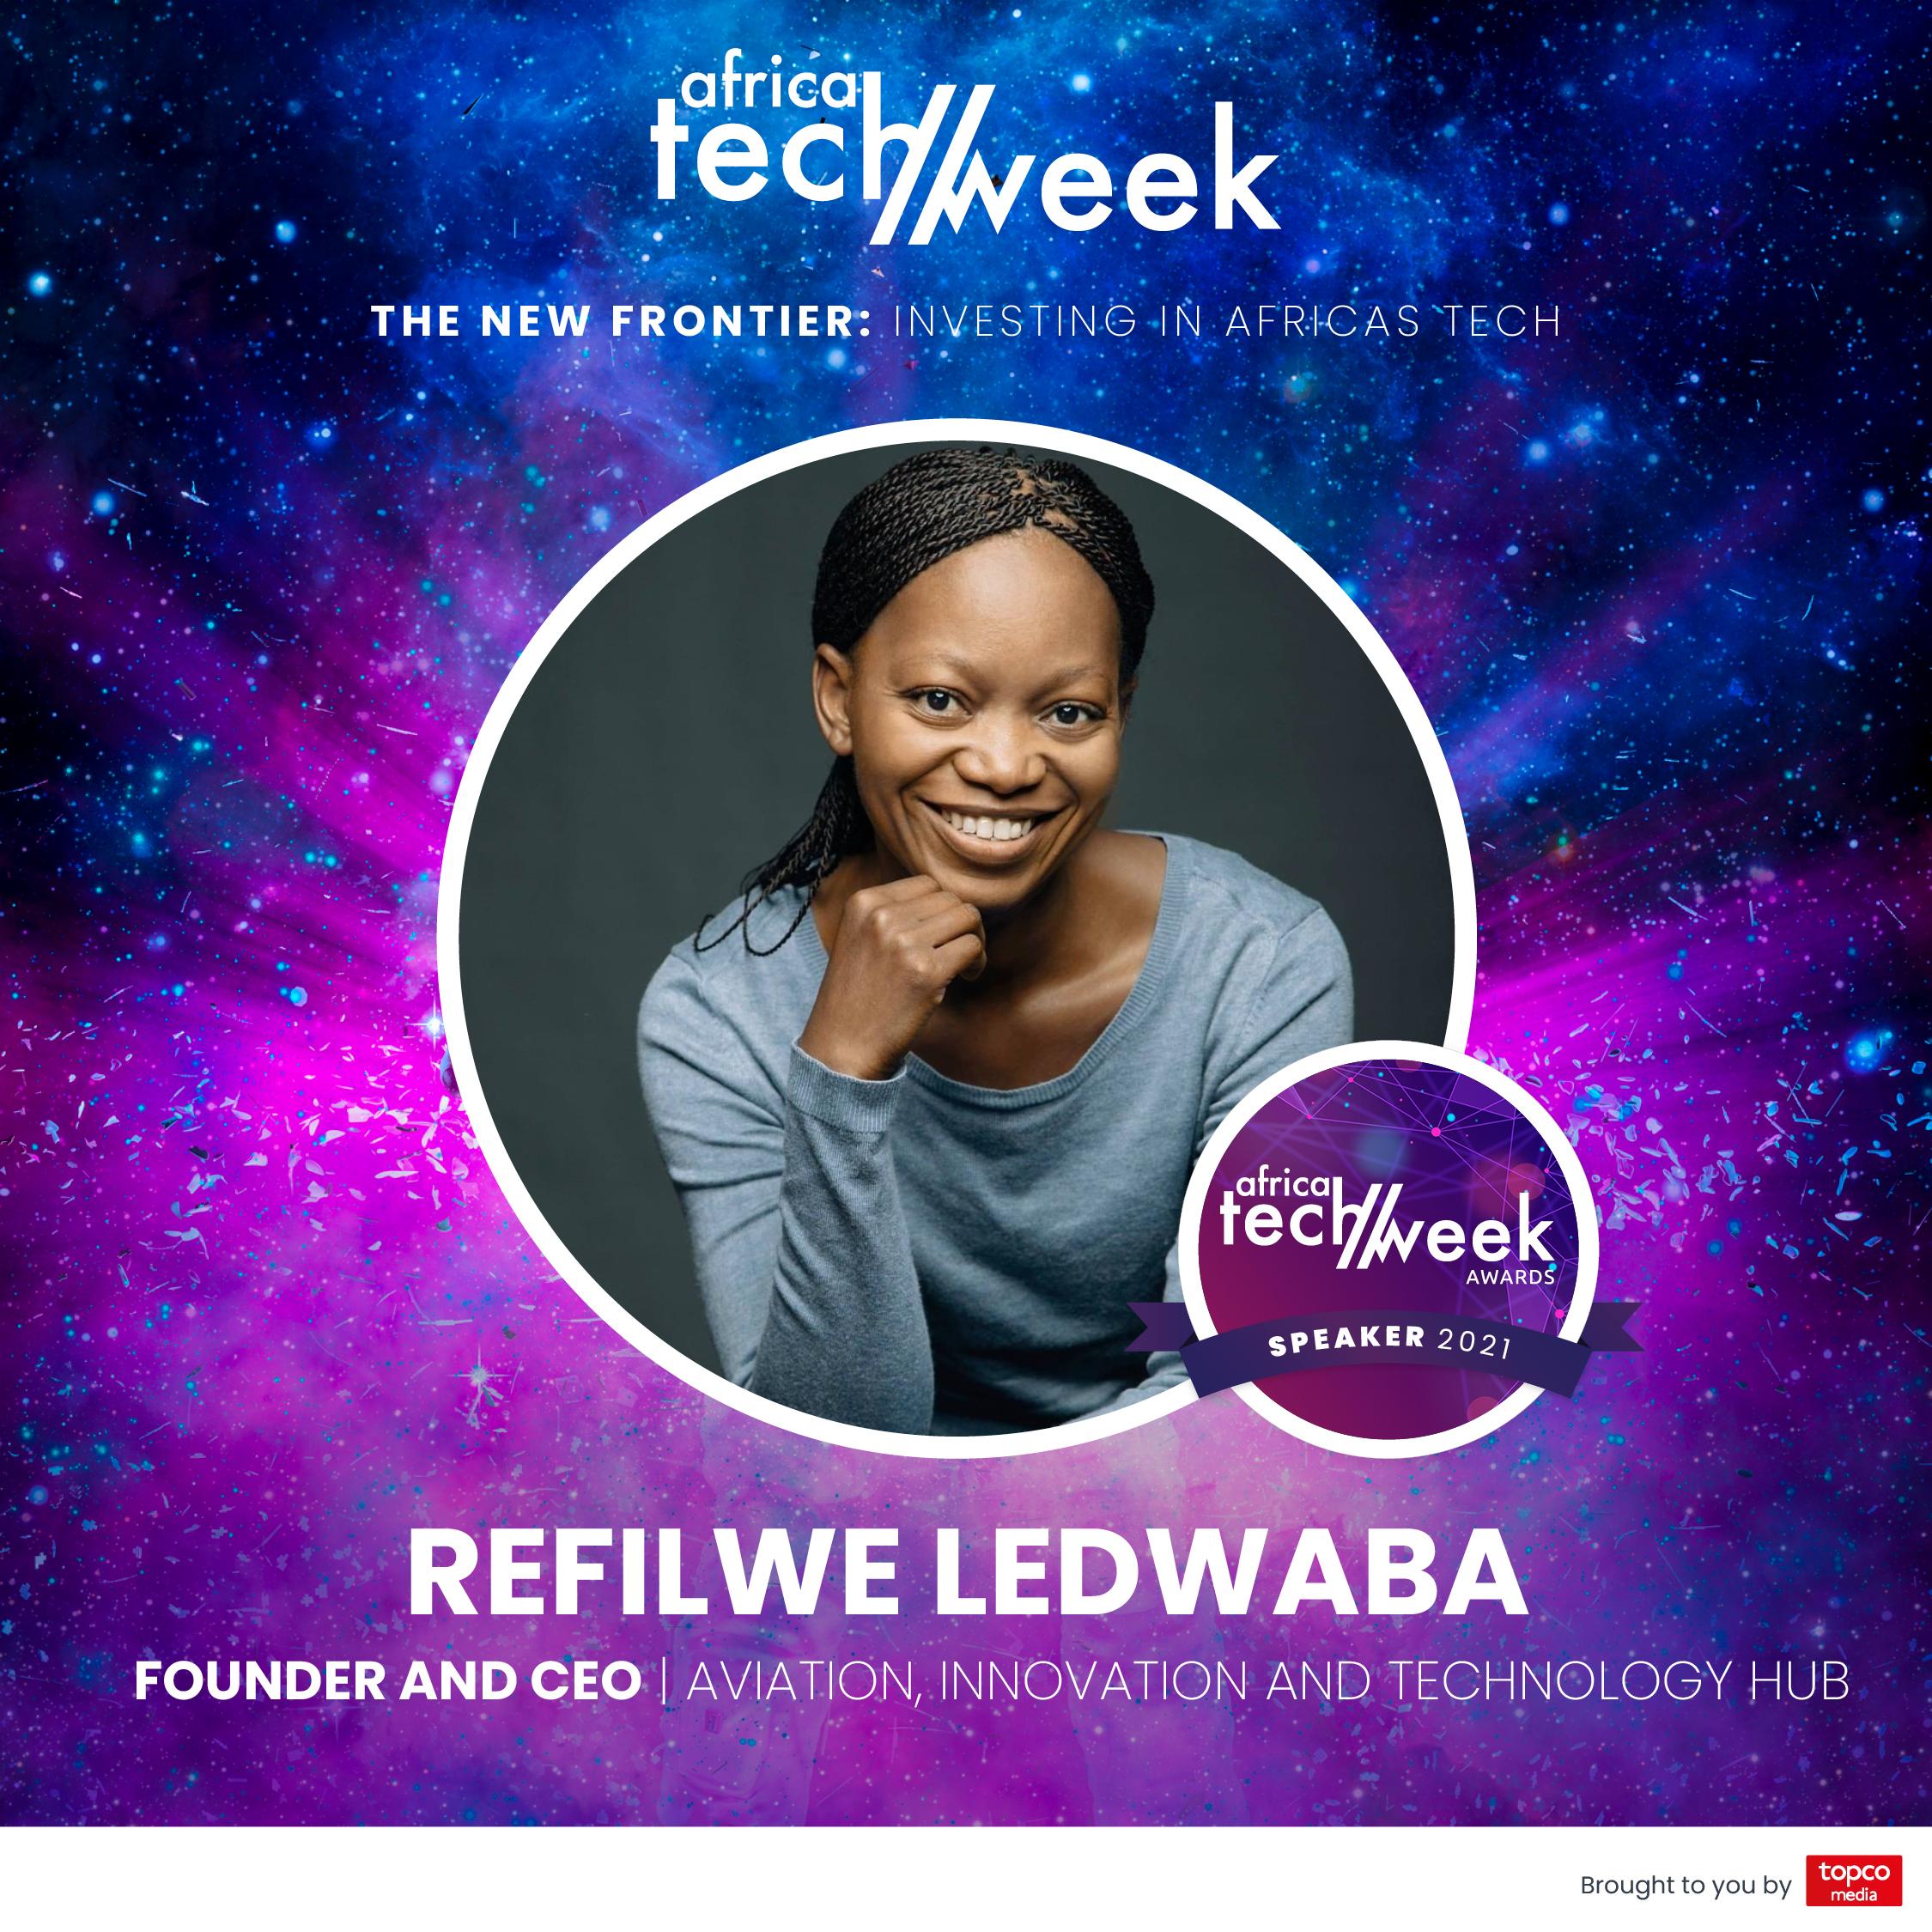 Refilwe Ledwaba